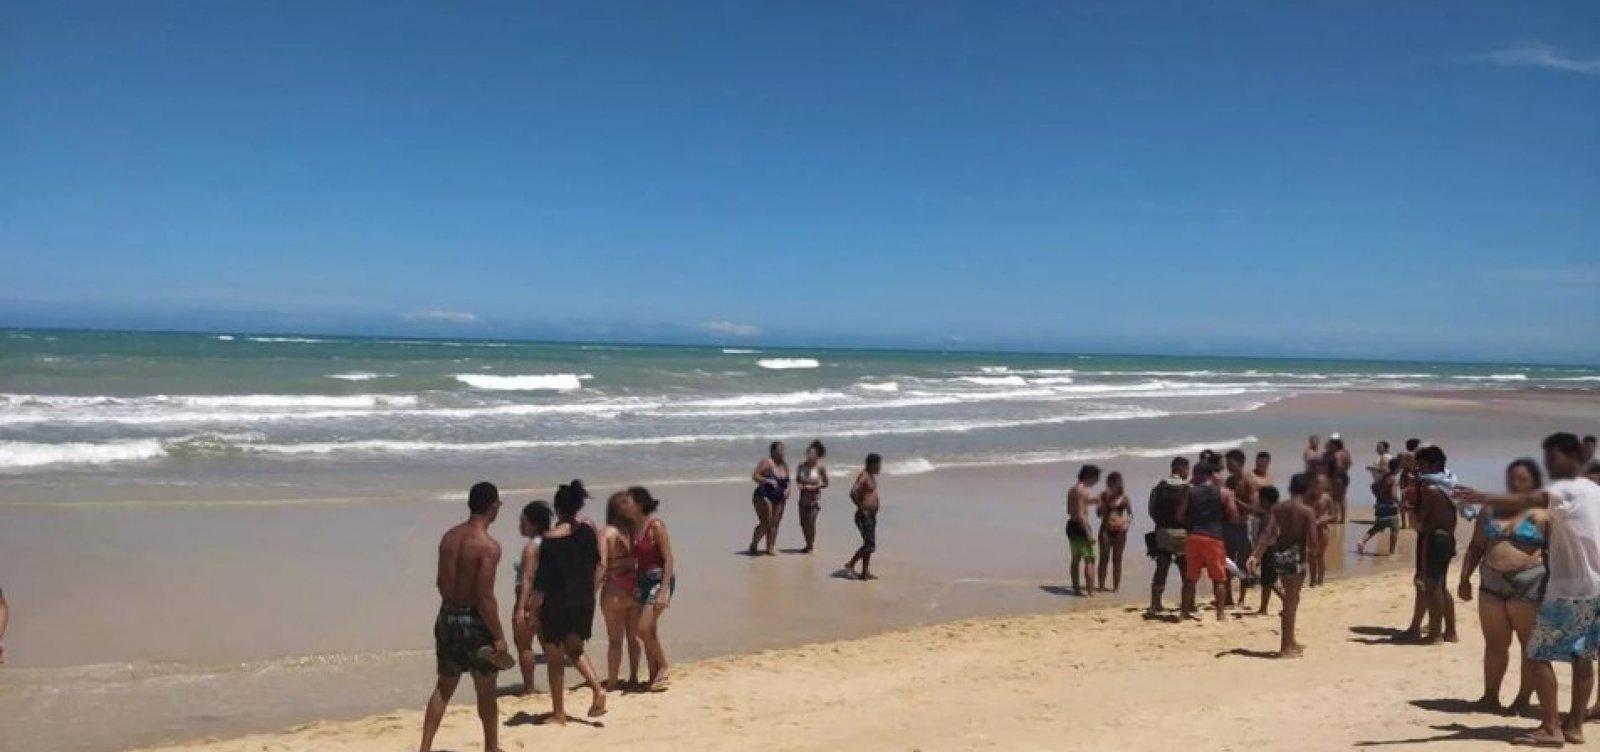 Turista de São Paulo morre após se afogar em praia de Trancoso